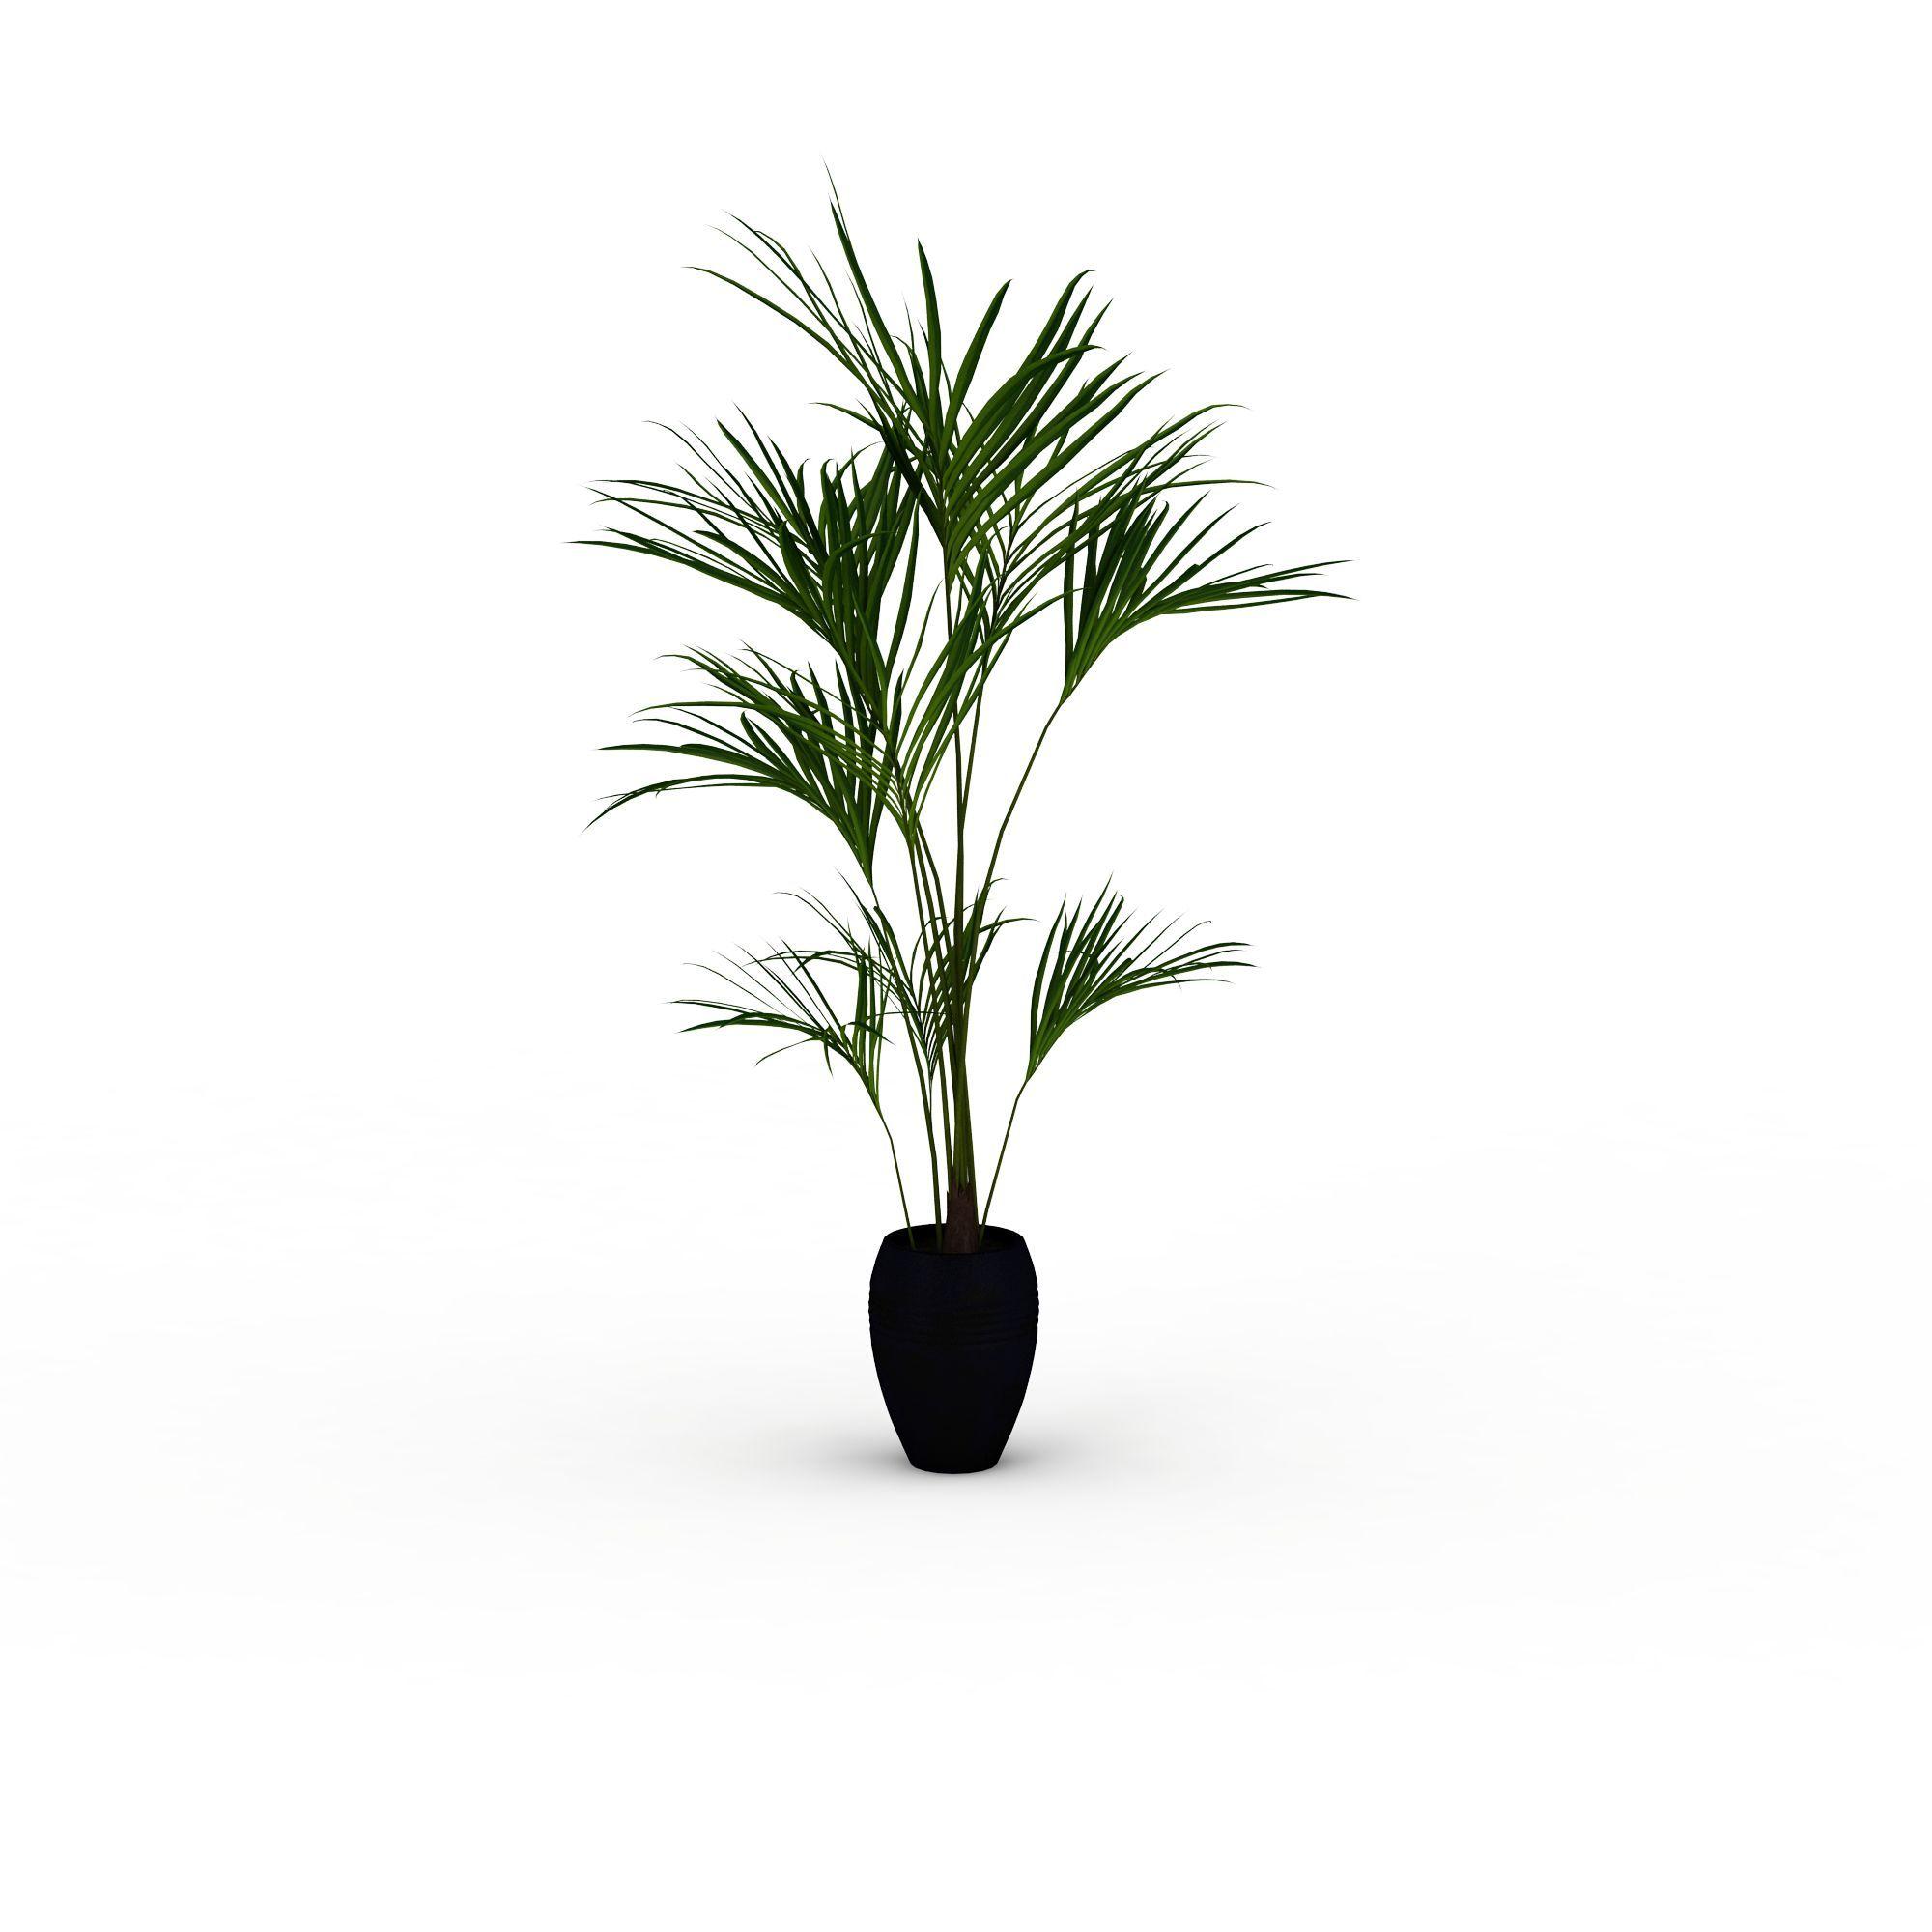 细长叶子盆栽高清图下载